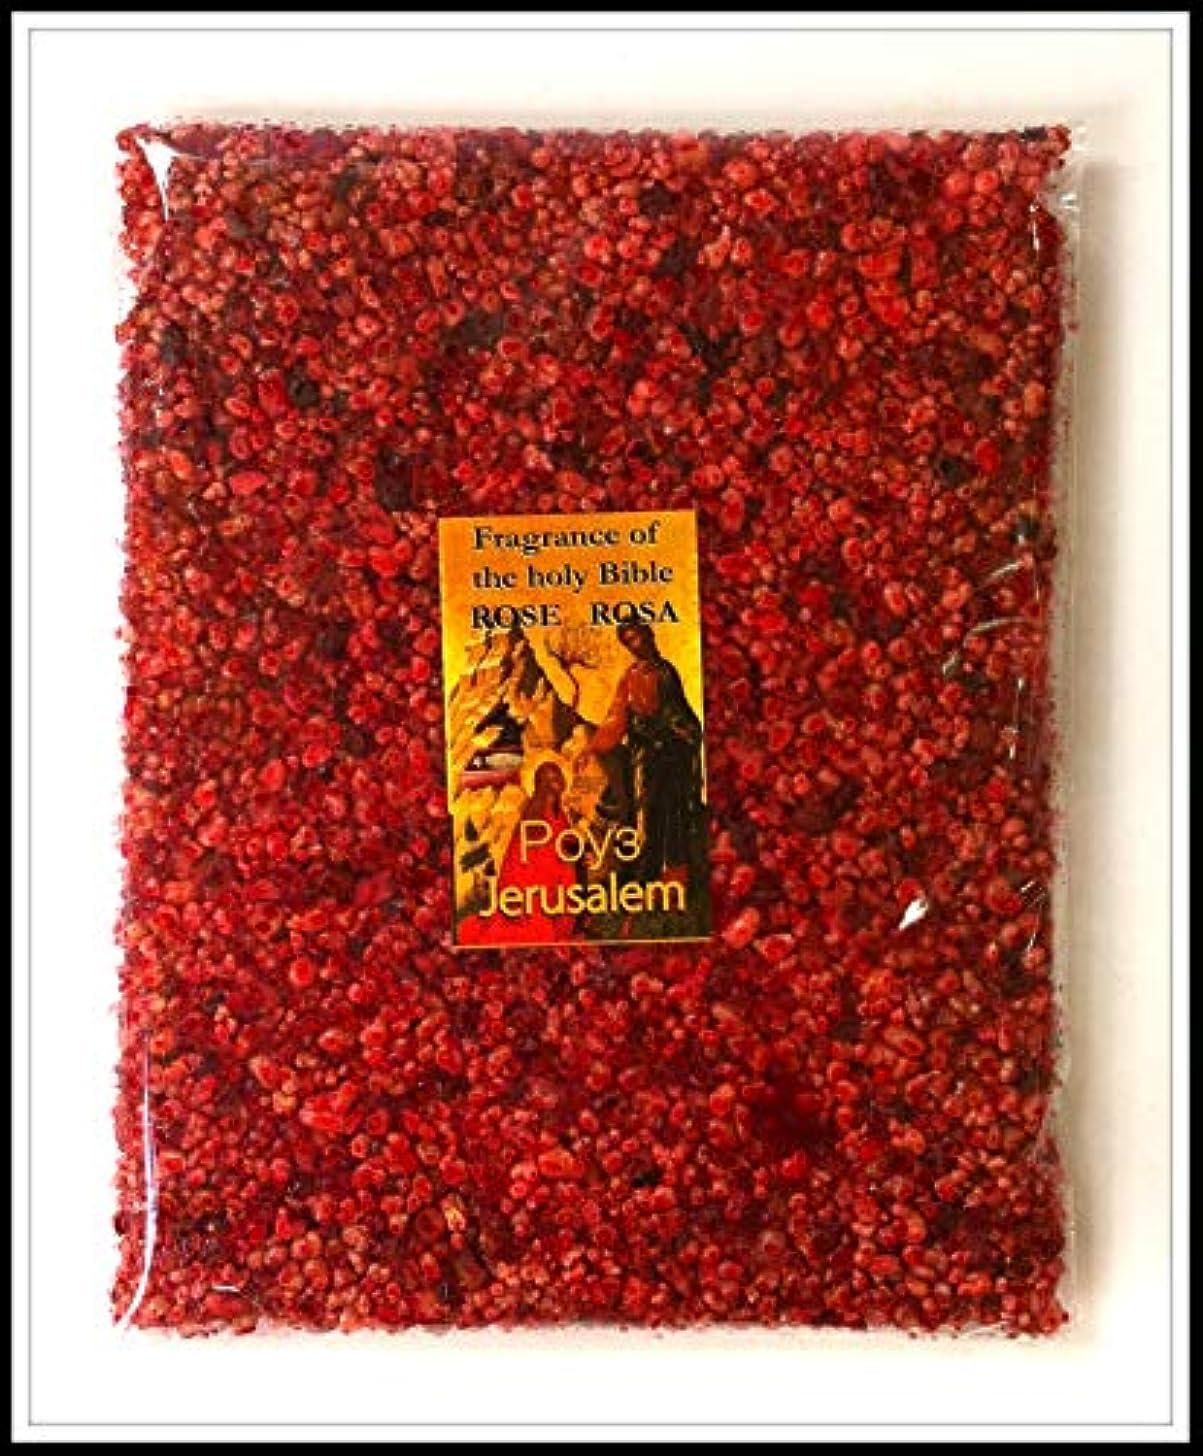 属する機会石化するRose of Sharon Frankincense樹脂Aromatic IncenseからエルサレムHoly Land 3.5 Oz / 100 g